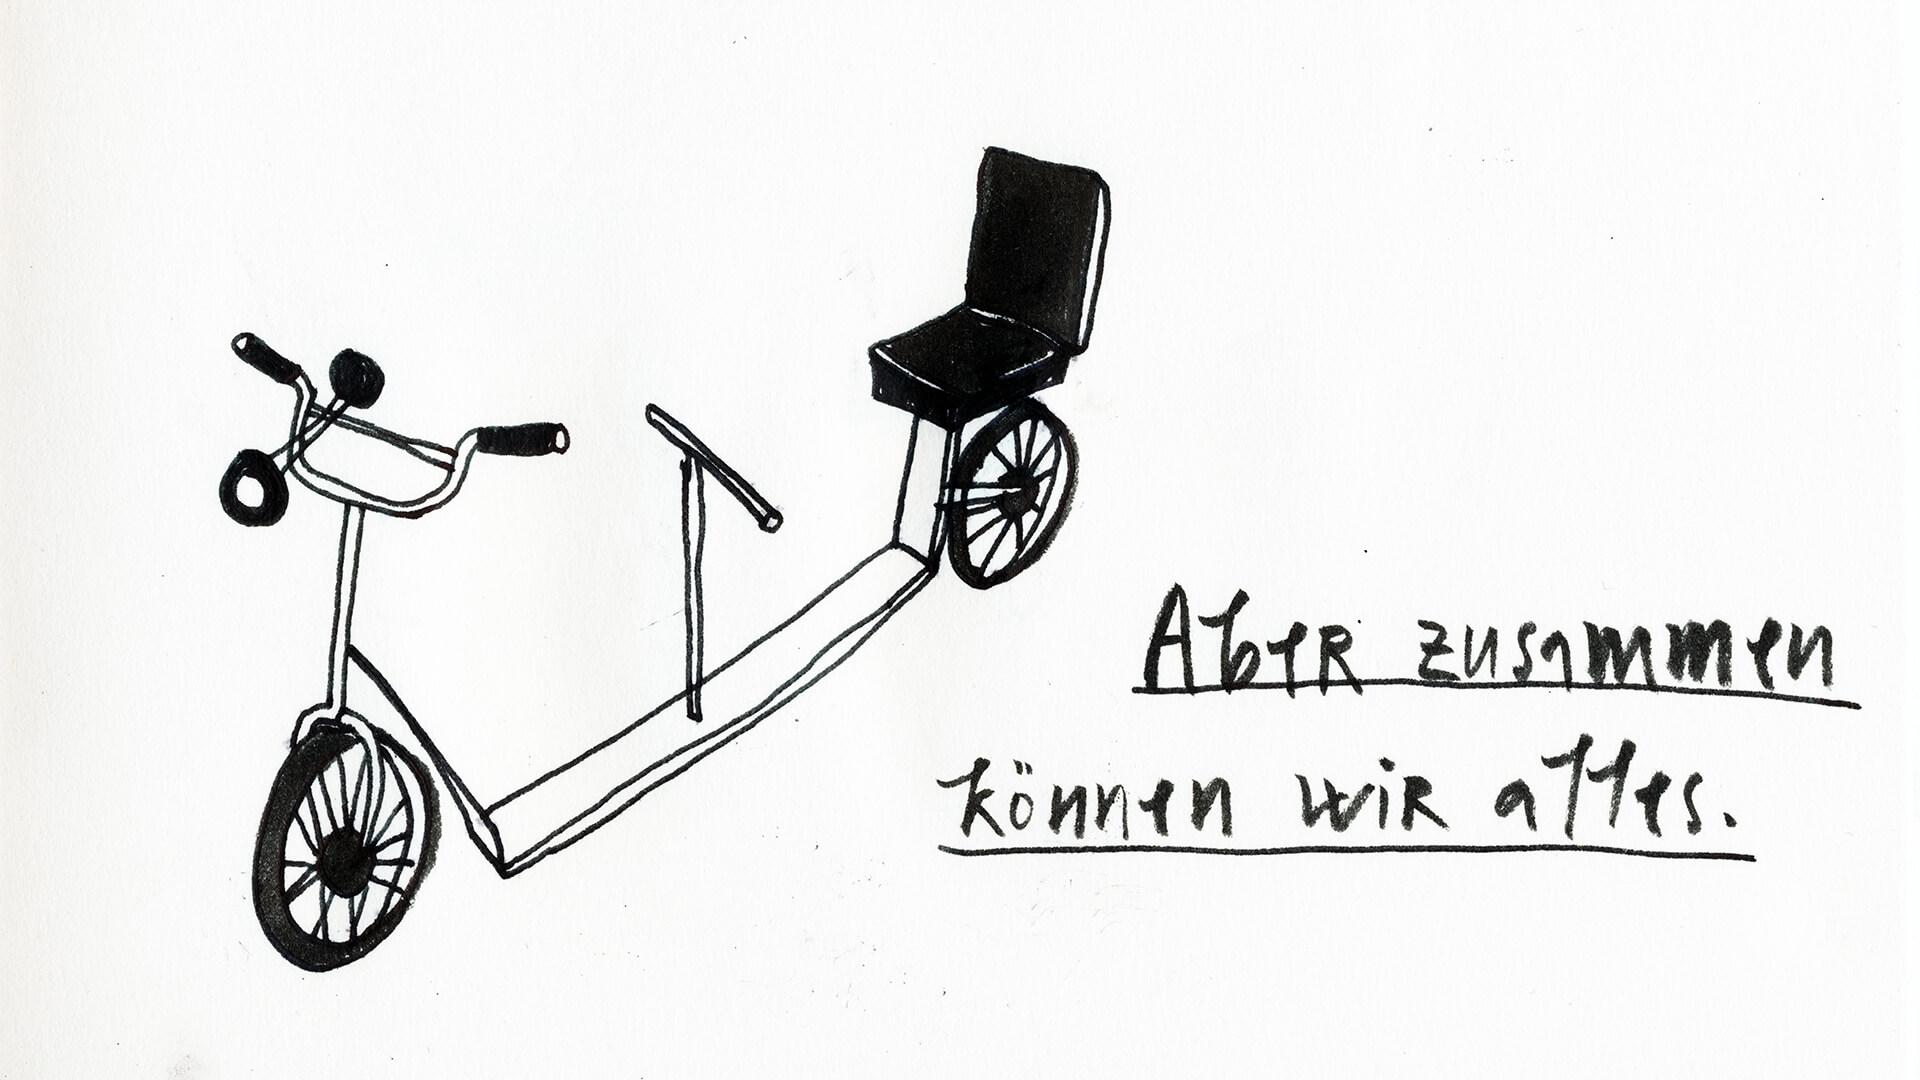 Matrosenhunde, Wochenkalender, Illustration, Berlin, Zusammen können wir alles, Tretroller, Tandem, scooter, together